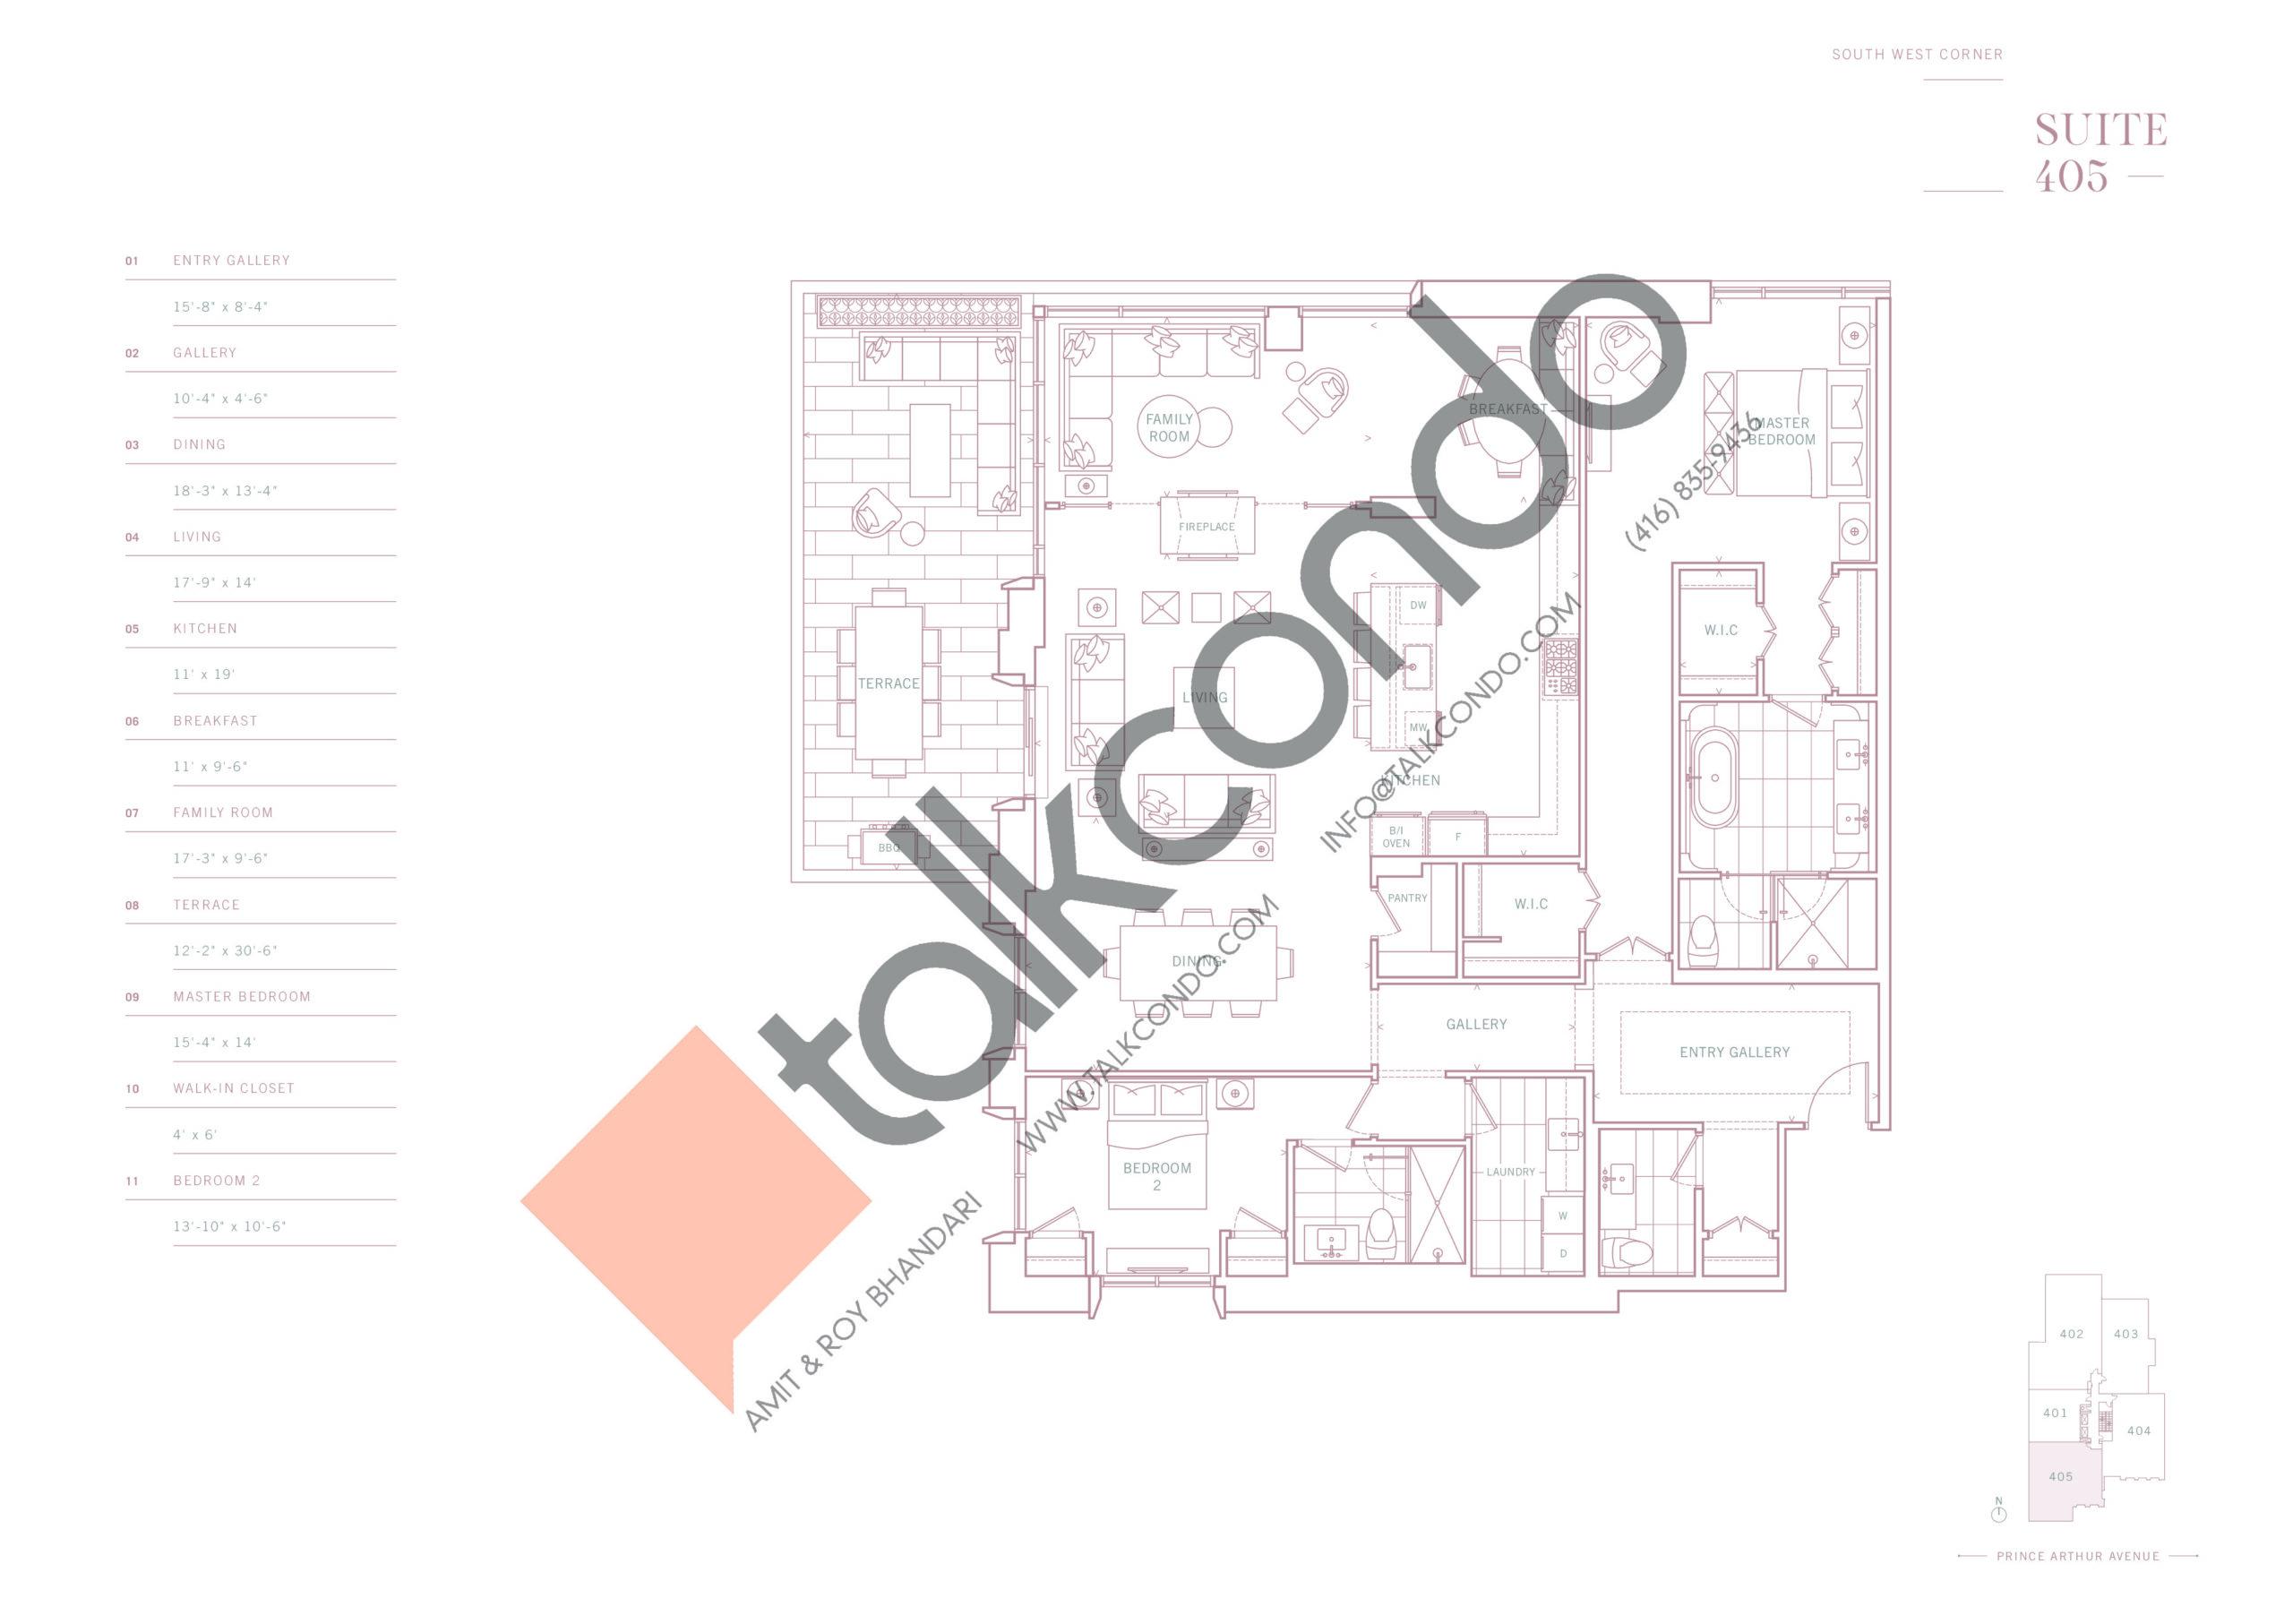 Suite 405 Floor Plan at 10 Prince Arthur Condos - 2416 sq.ft